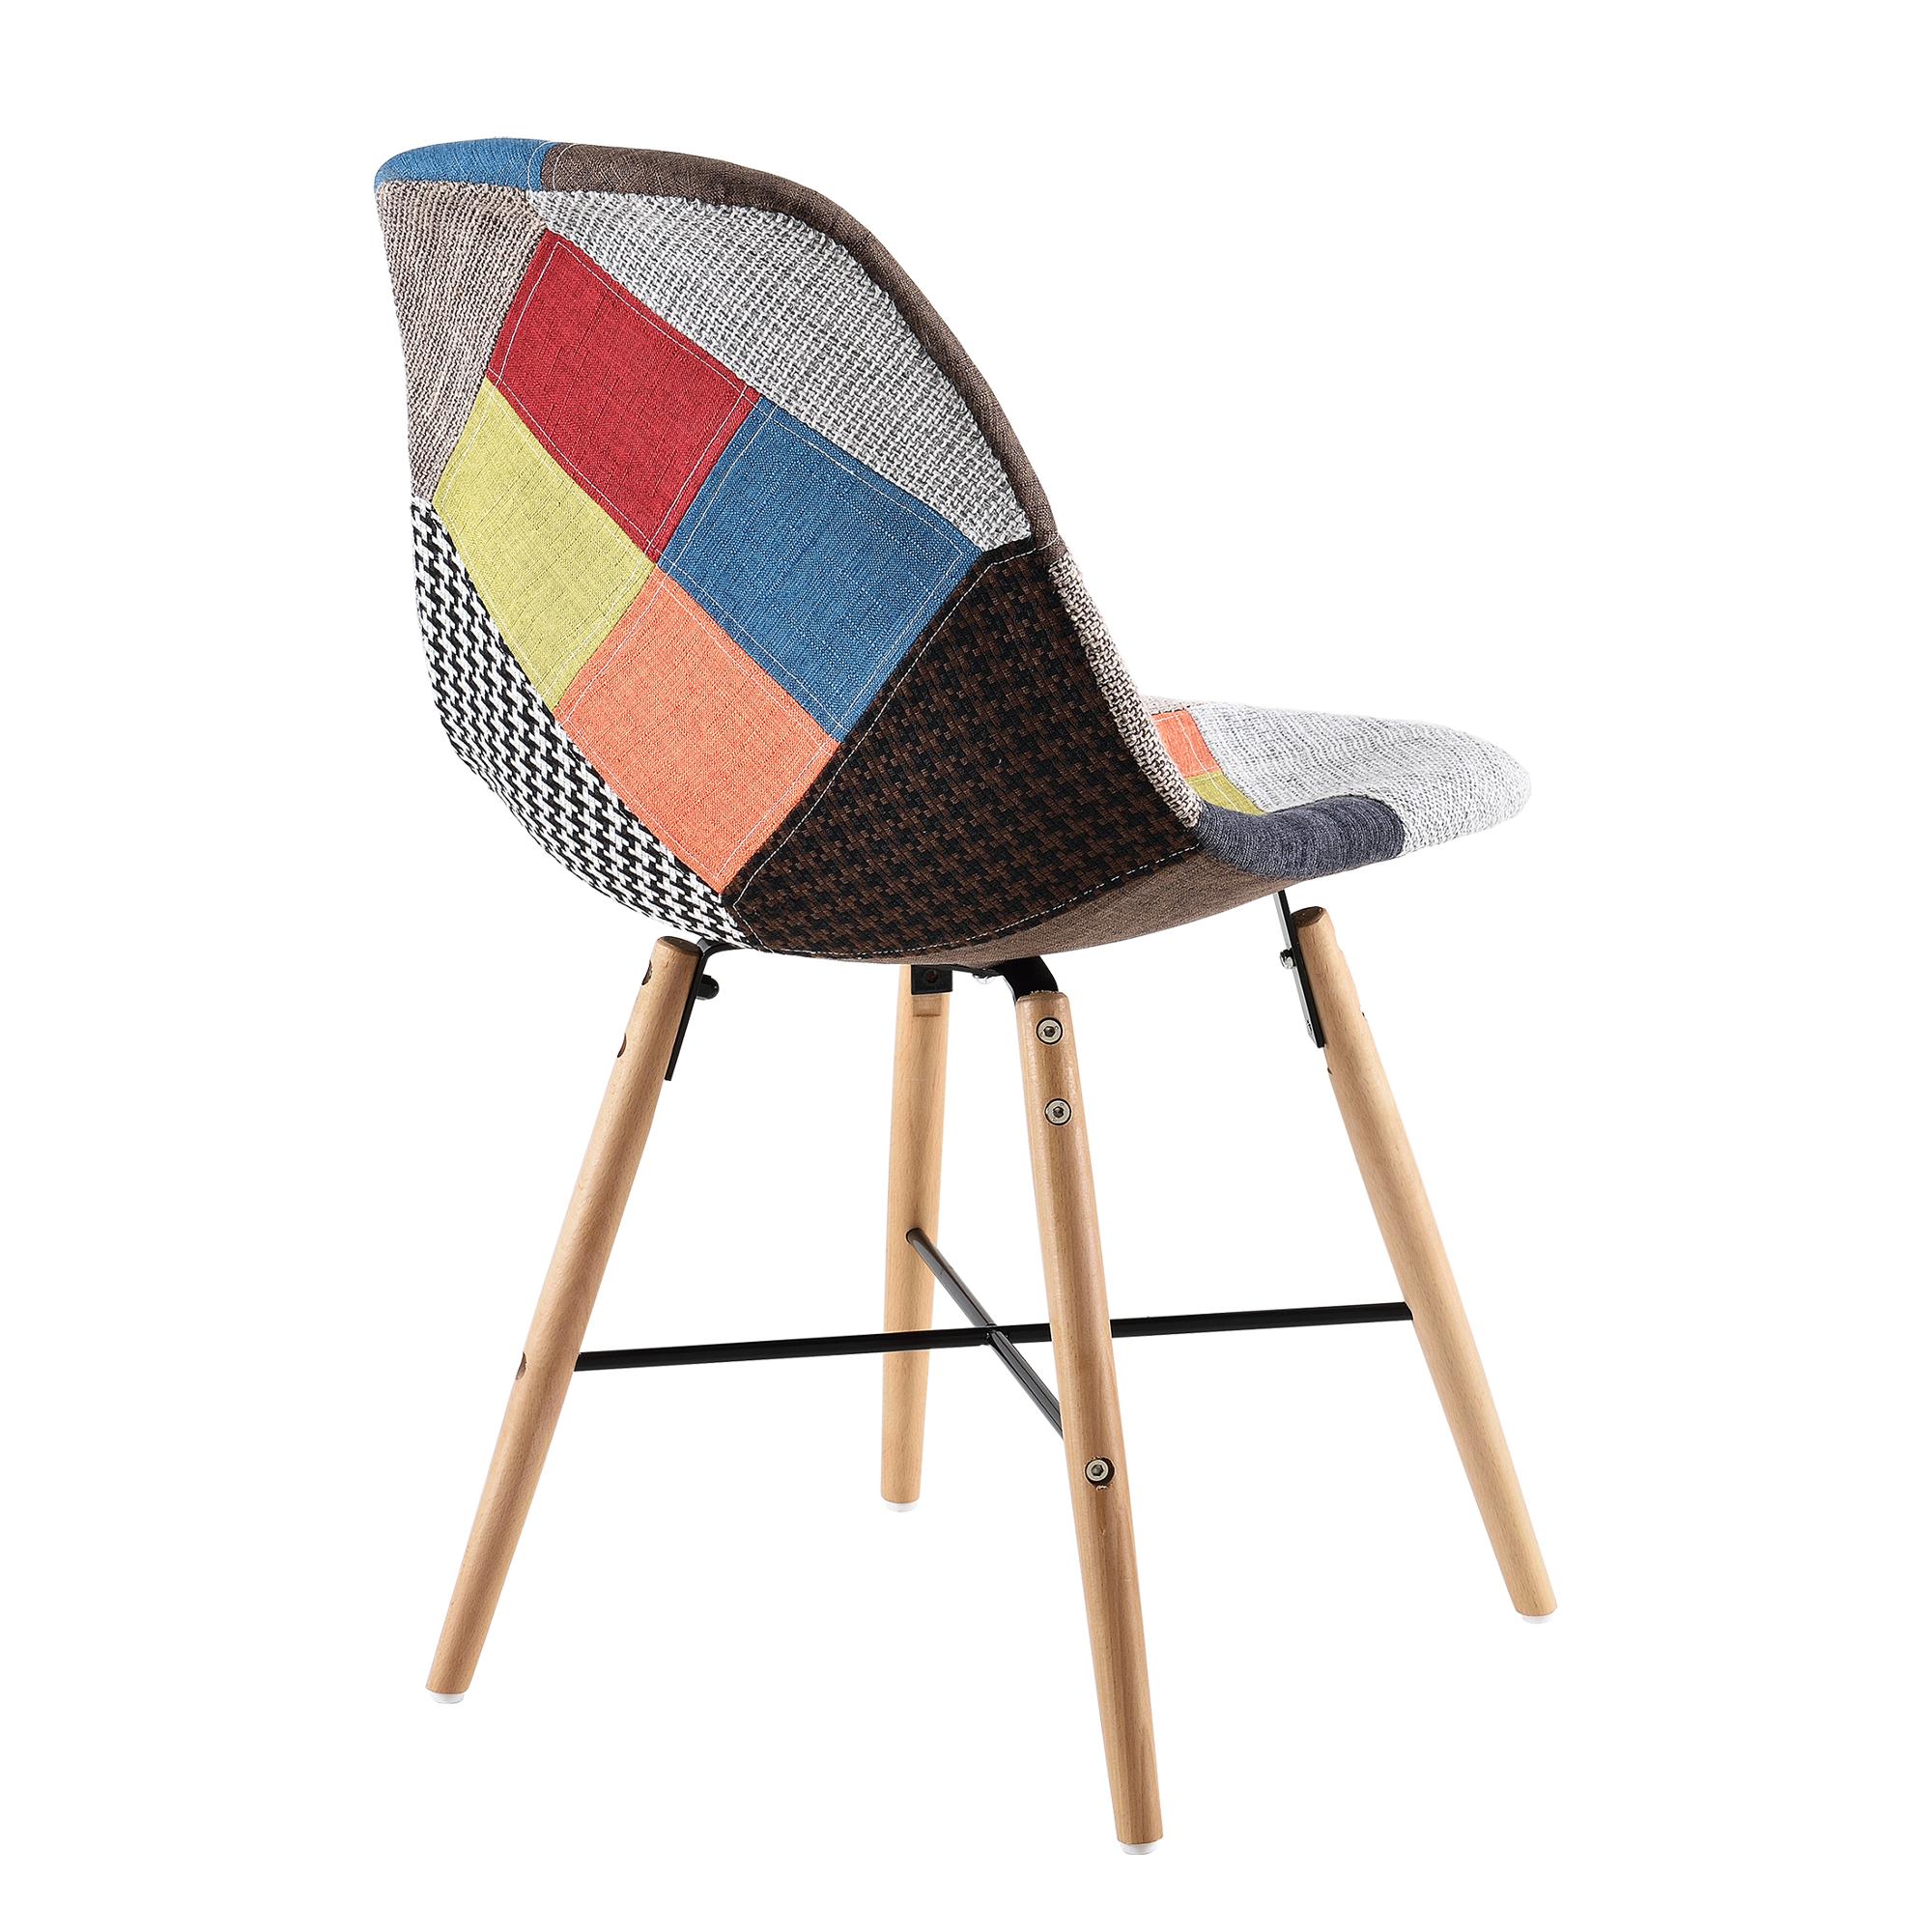 polstertuhl 2er set patchwork stuhl holz bunt design retro sessel ebay. Black Bedroom Furniture Sets. Home Design Ideas